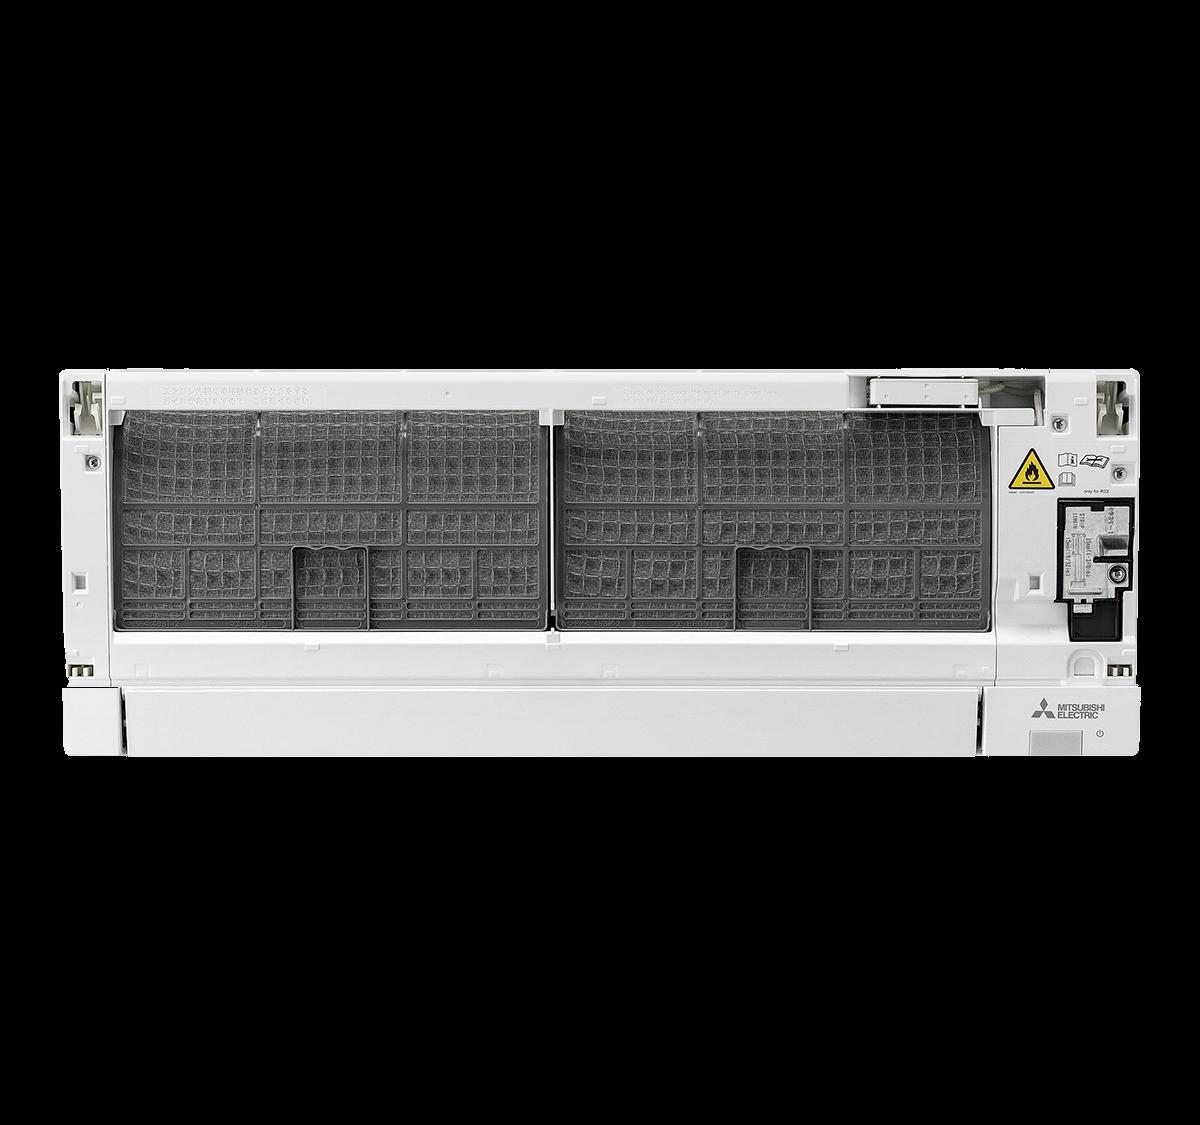 aire acondicionado unidad interior mitsubishi electric inverter serie msz ap modelo msz ap25vg precio incluido en la instalacion caseragua 04